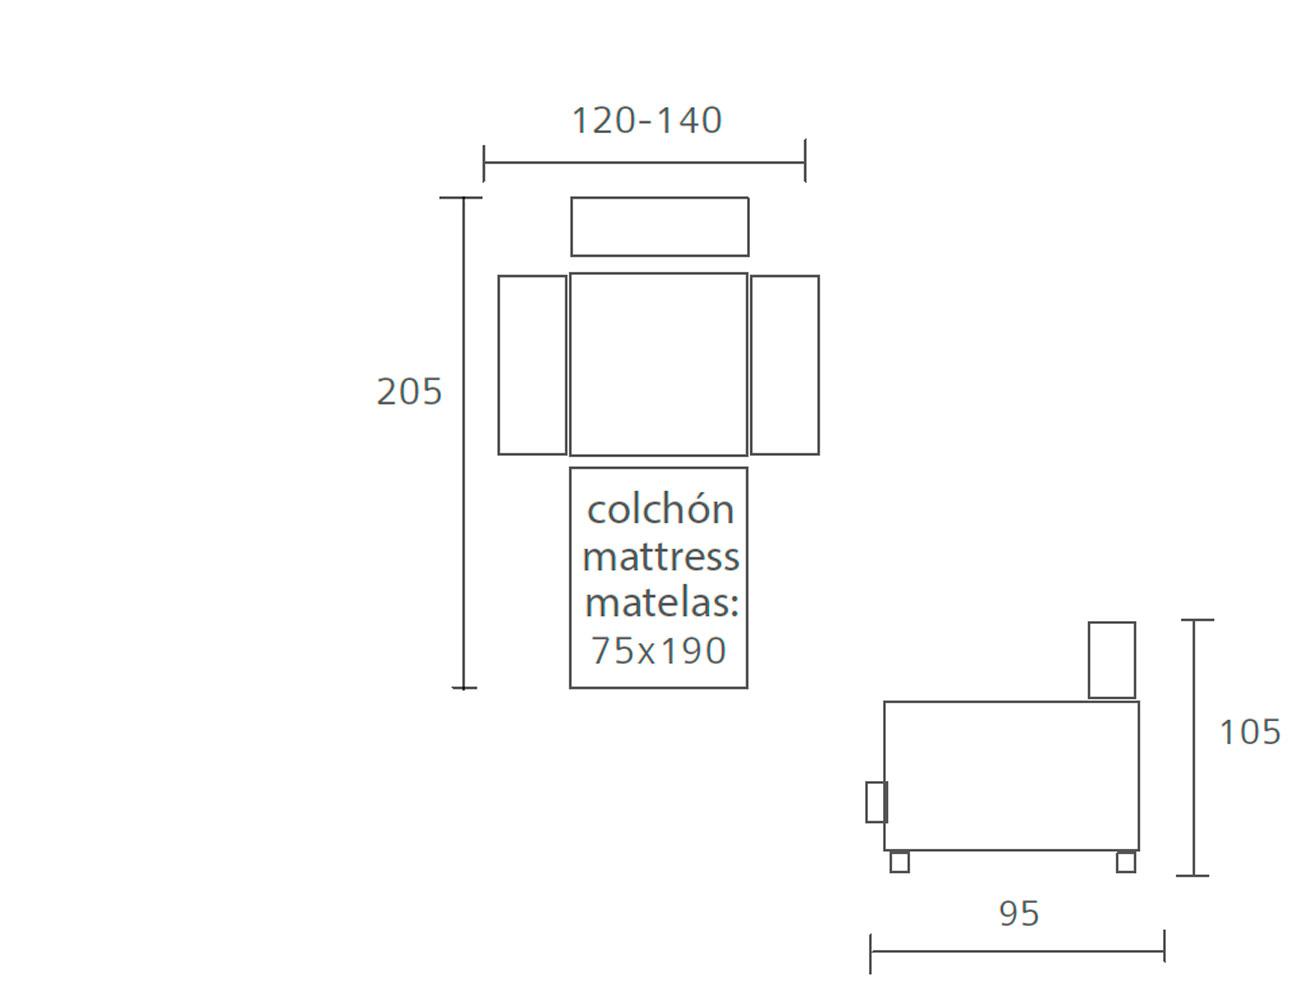 Sofa cama pedro ortiz 120 1402